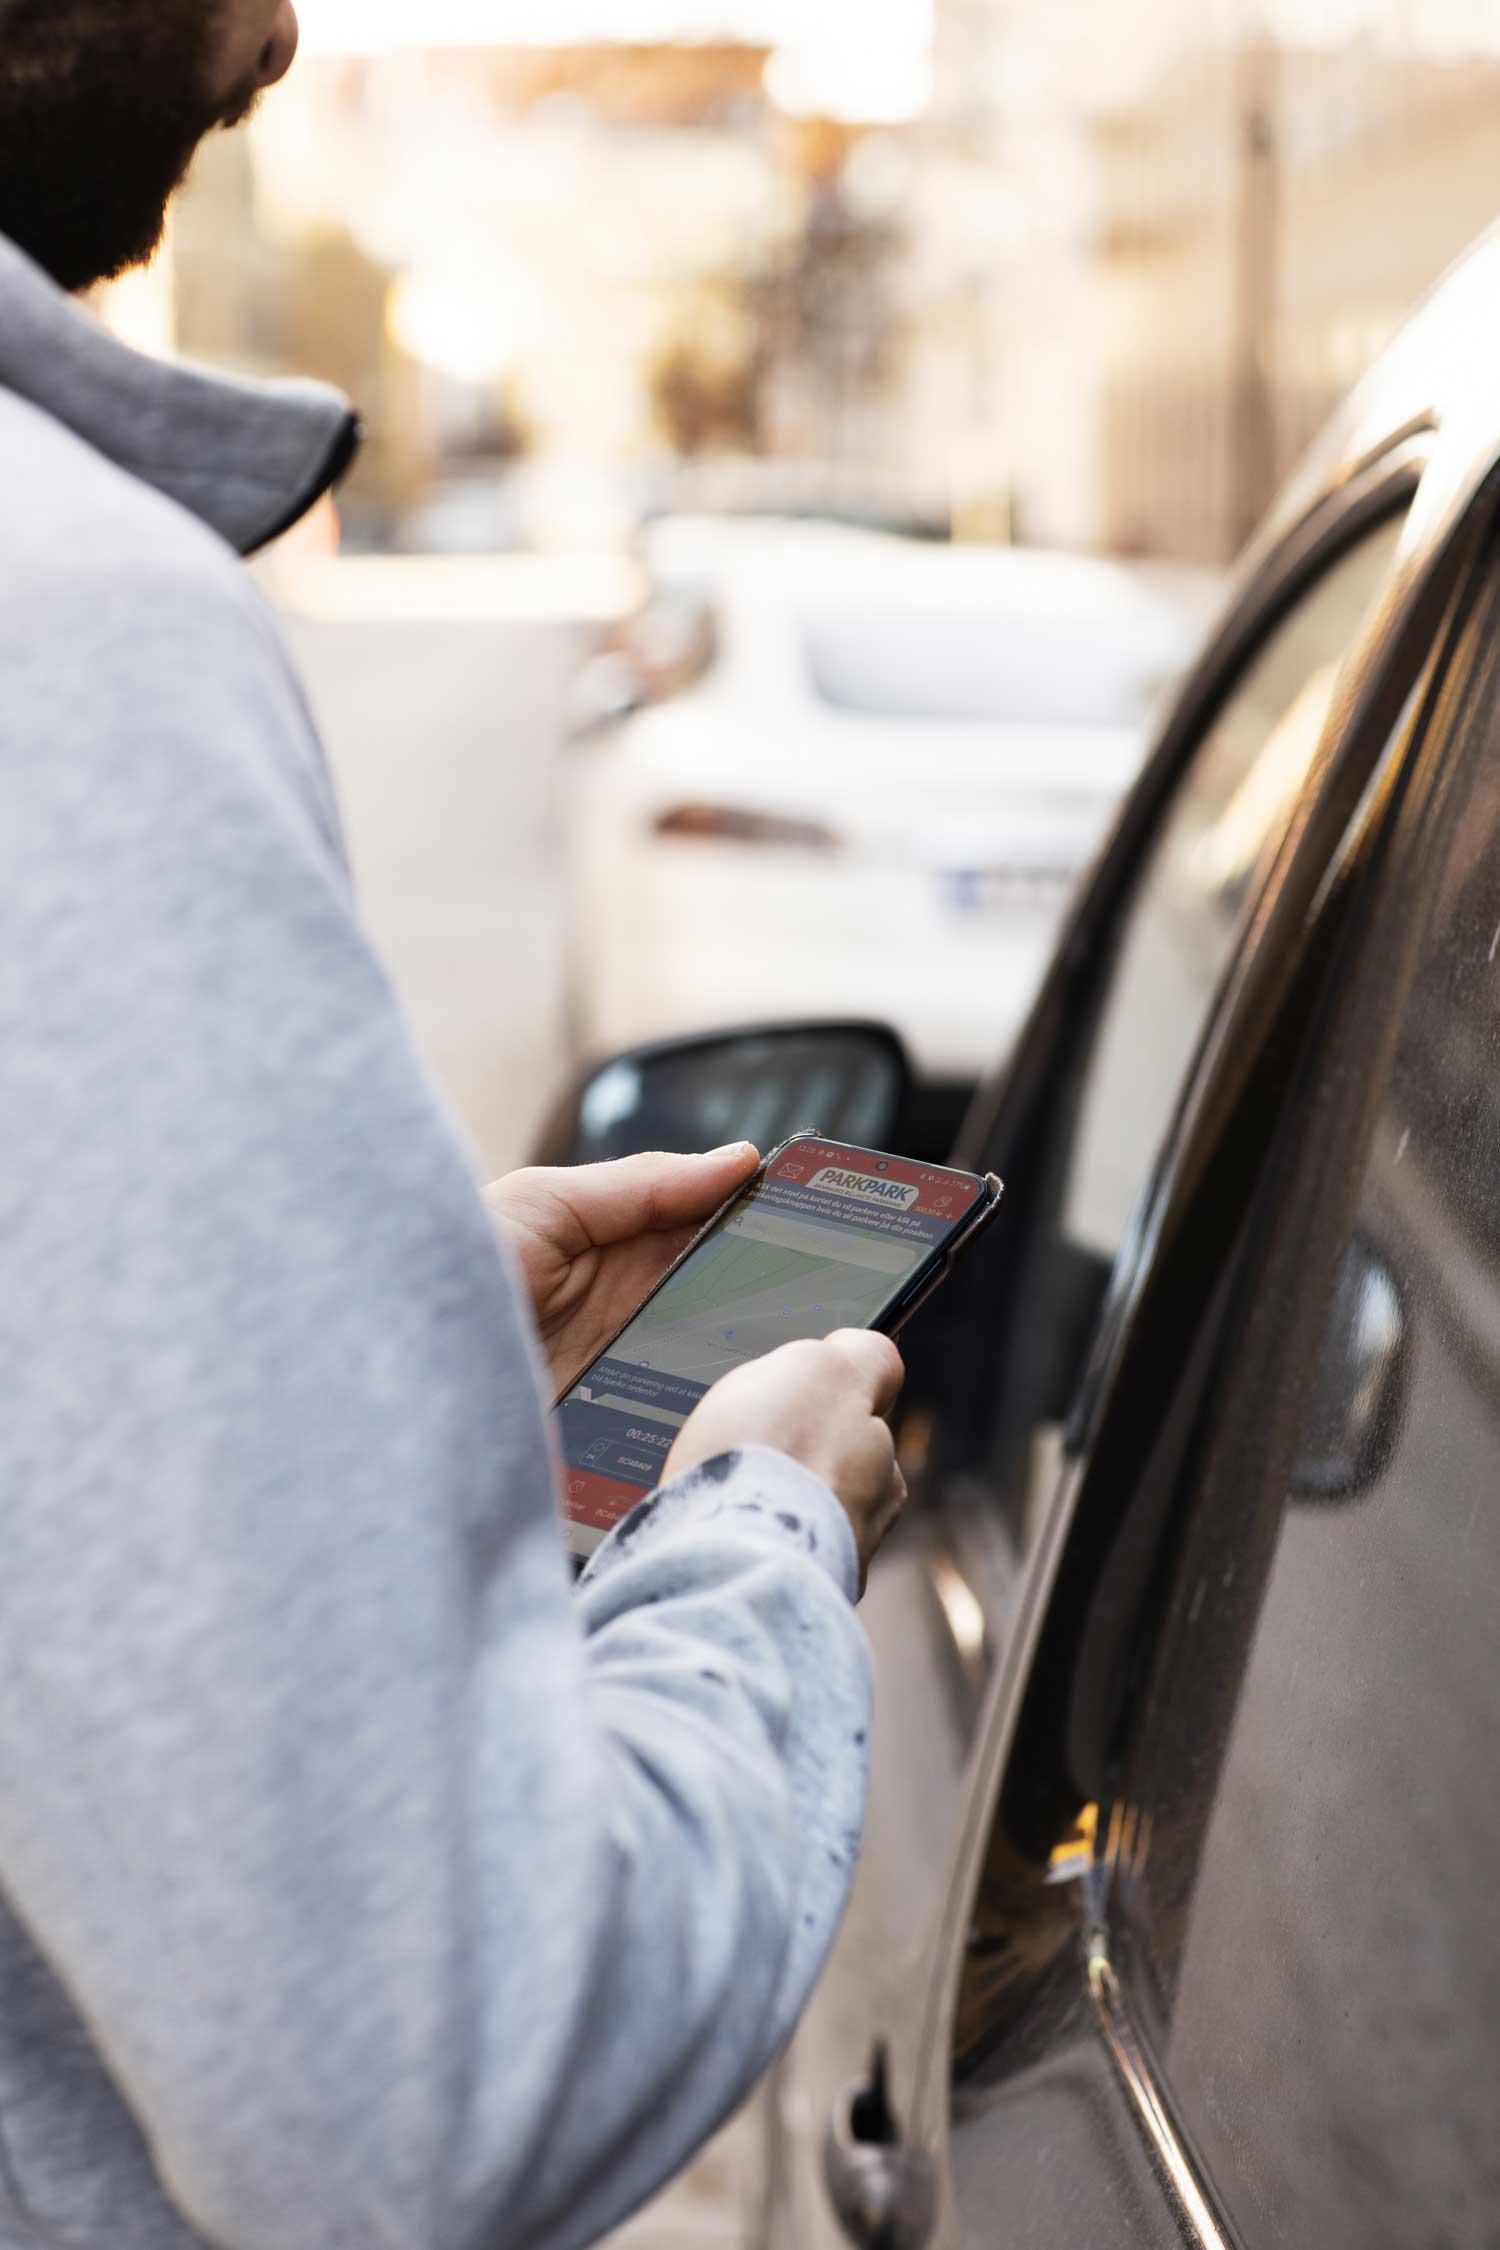 Nyheder - PARKPARK og Ordrestyring sikrer parkeringsgevinst til håndværkere